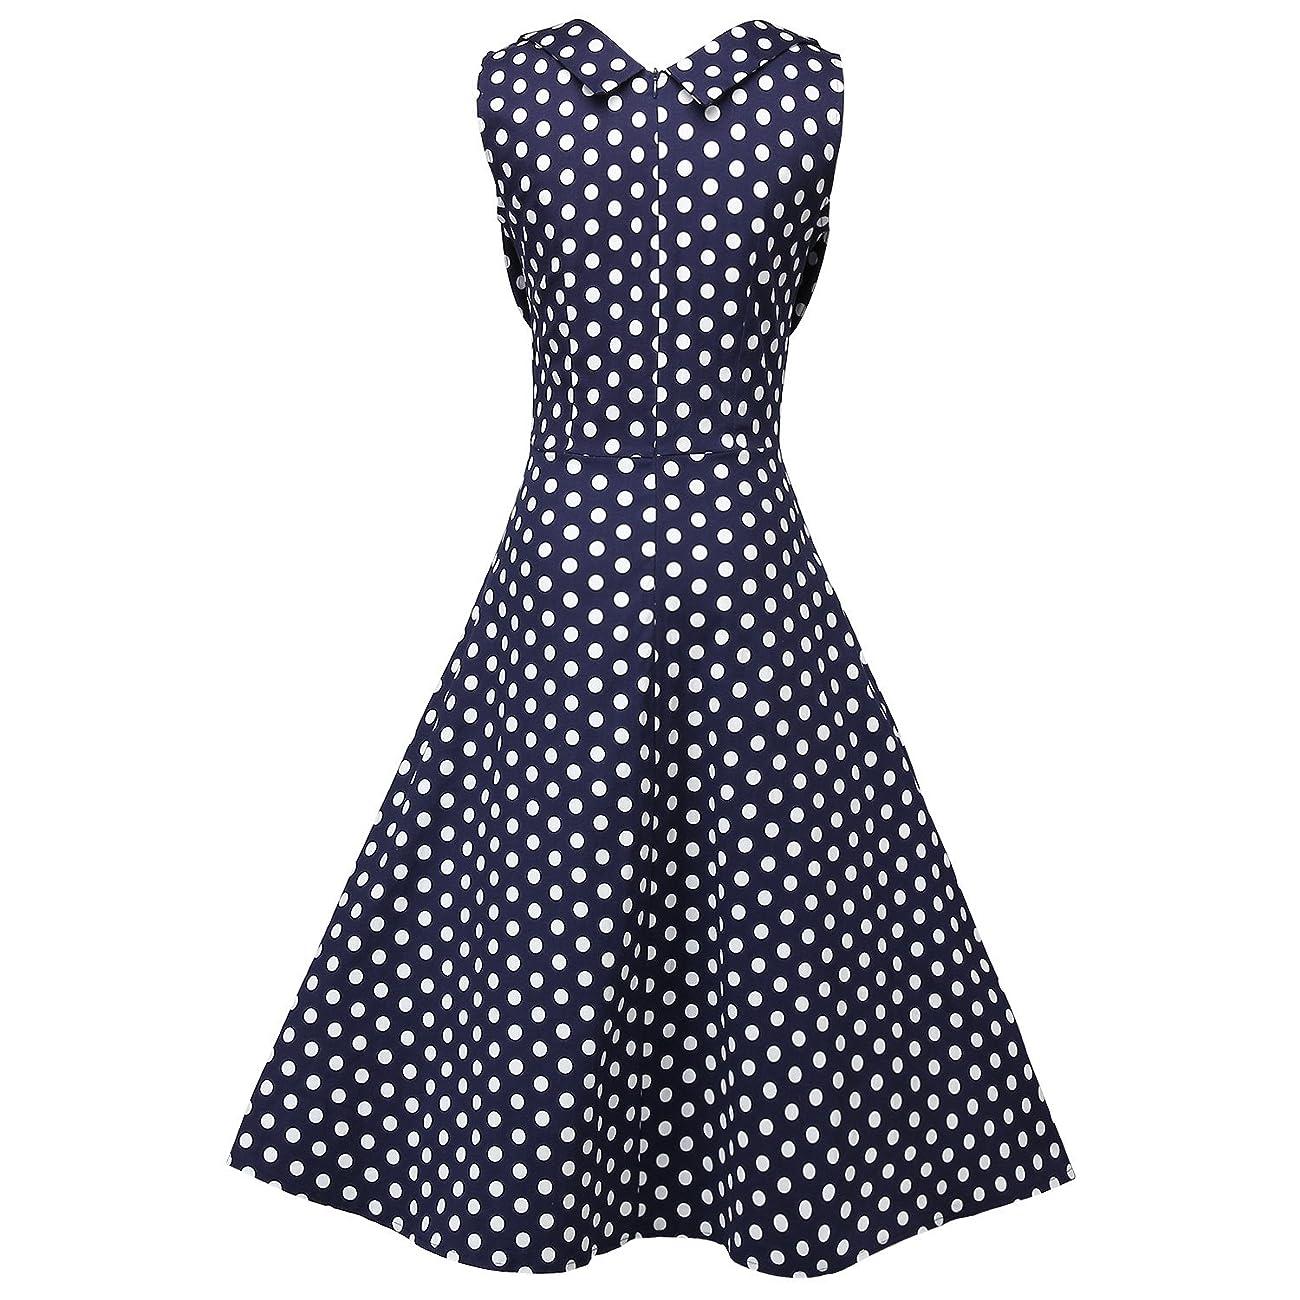 Creti Women's 1950s Vintage Halter Polka Dot V-Neck Sleeveless Swing Dress 1